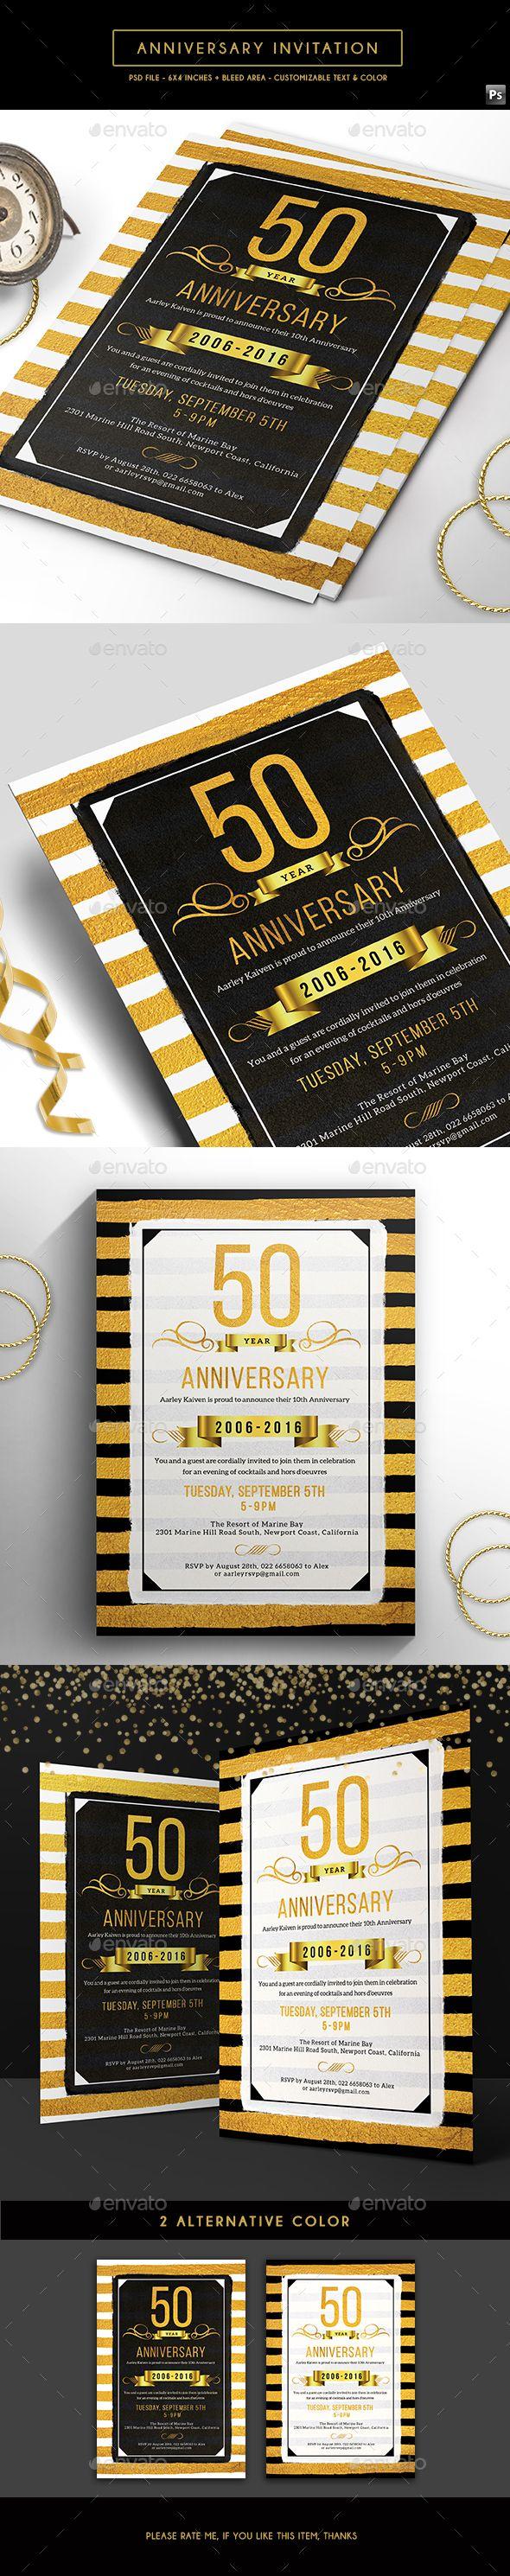 business event invitation templates%0A Anniversary Invitation